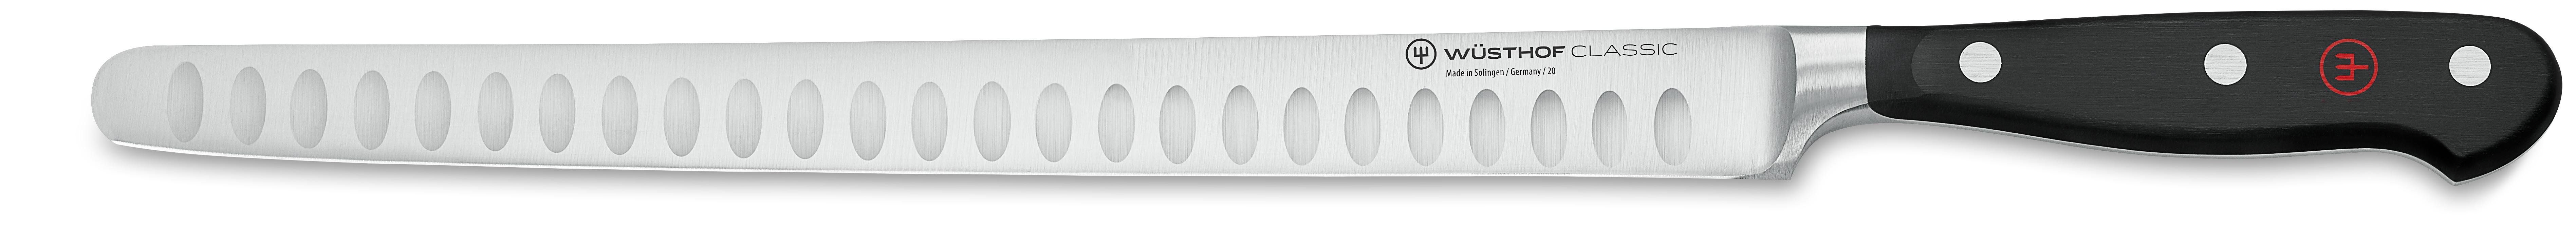 Schinkenmesser / Ham slicer